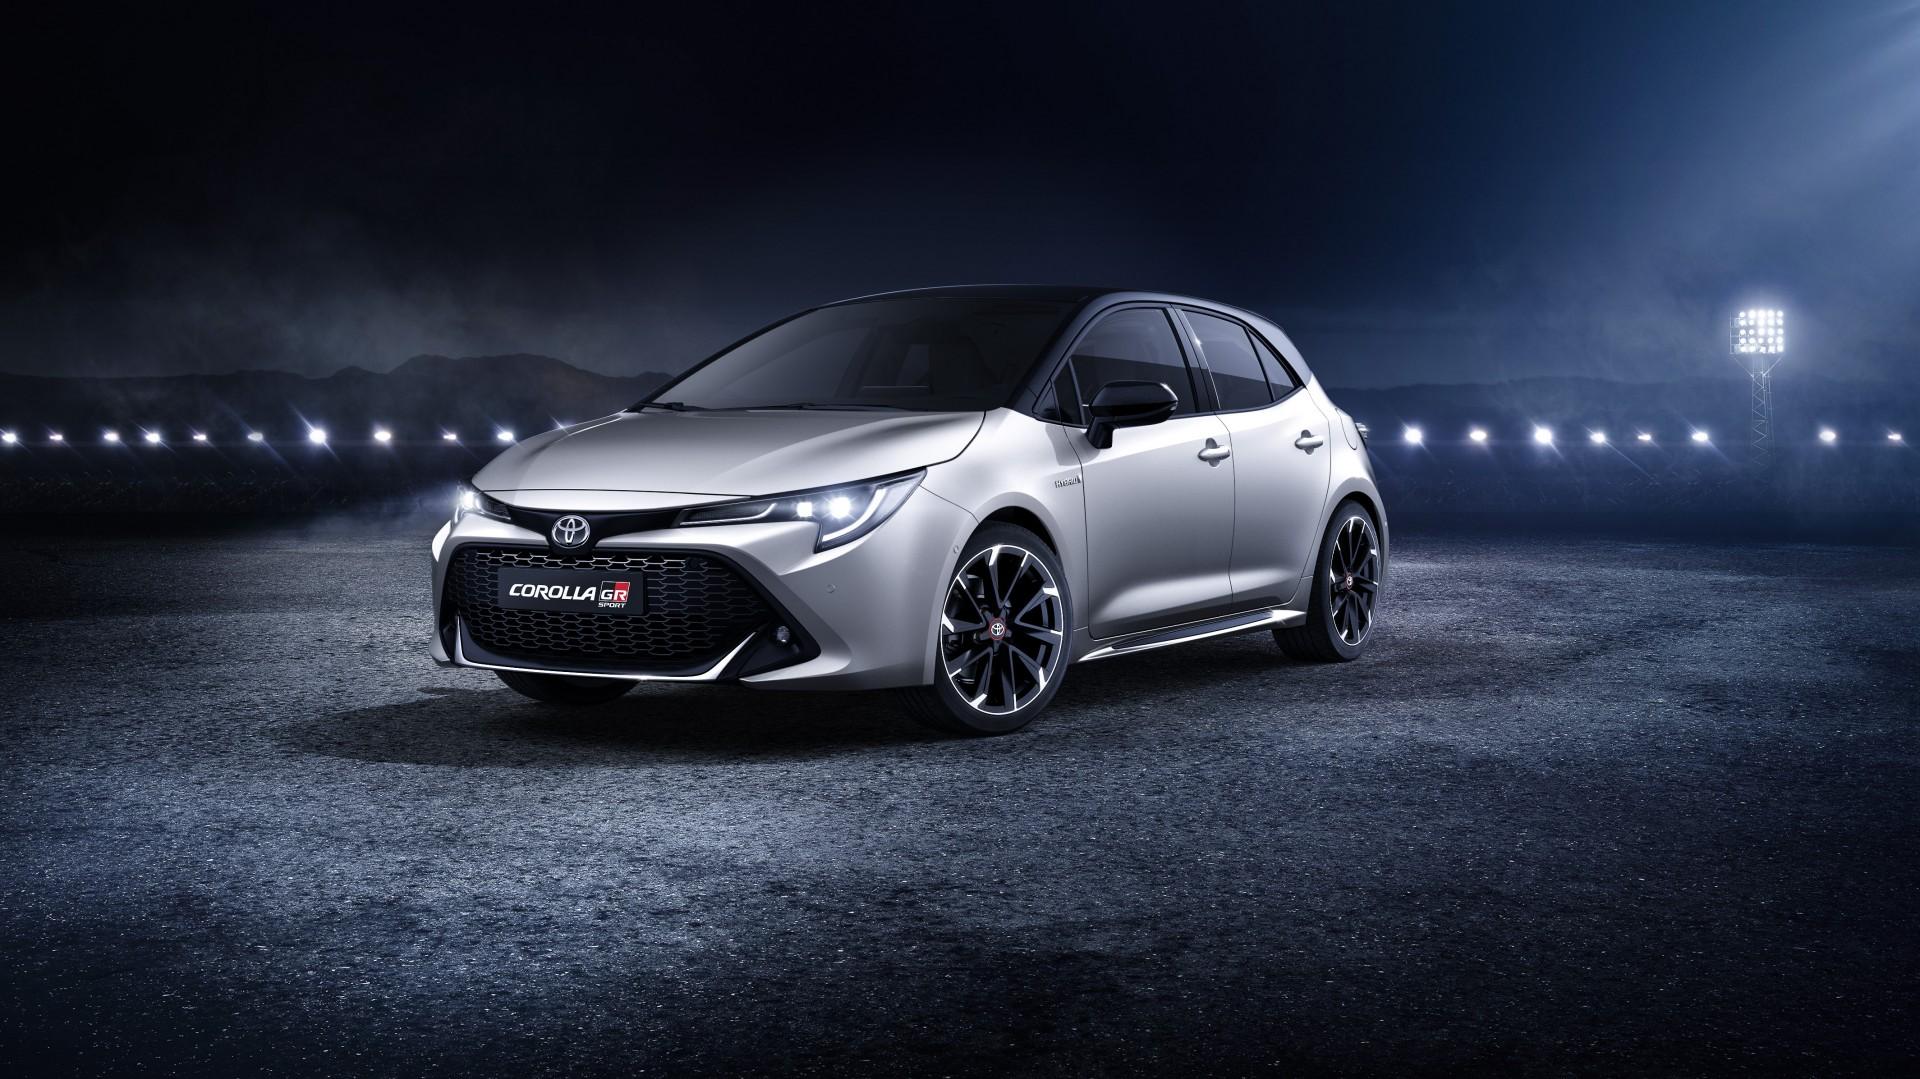 2019 Corolla GR SPORT